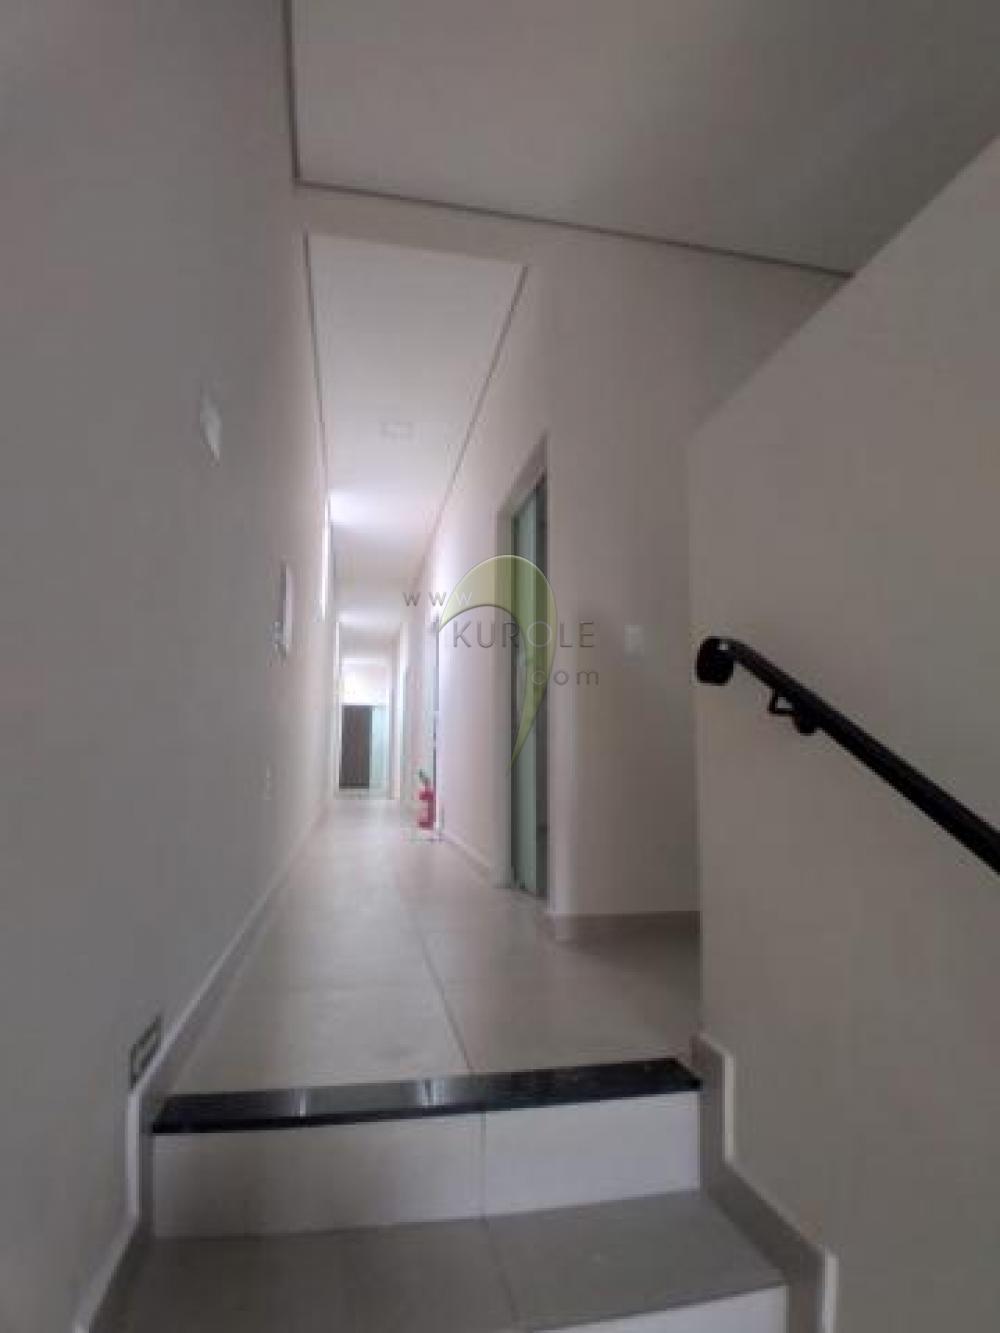 alt='Comprar Apartamento / Cobertura em Pradópolis R$ 150.000,00 - Foto 6' title='Comprar Apartamento / Cobertura em Pradópolis R$ 150.000,00 - Foto 6'